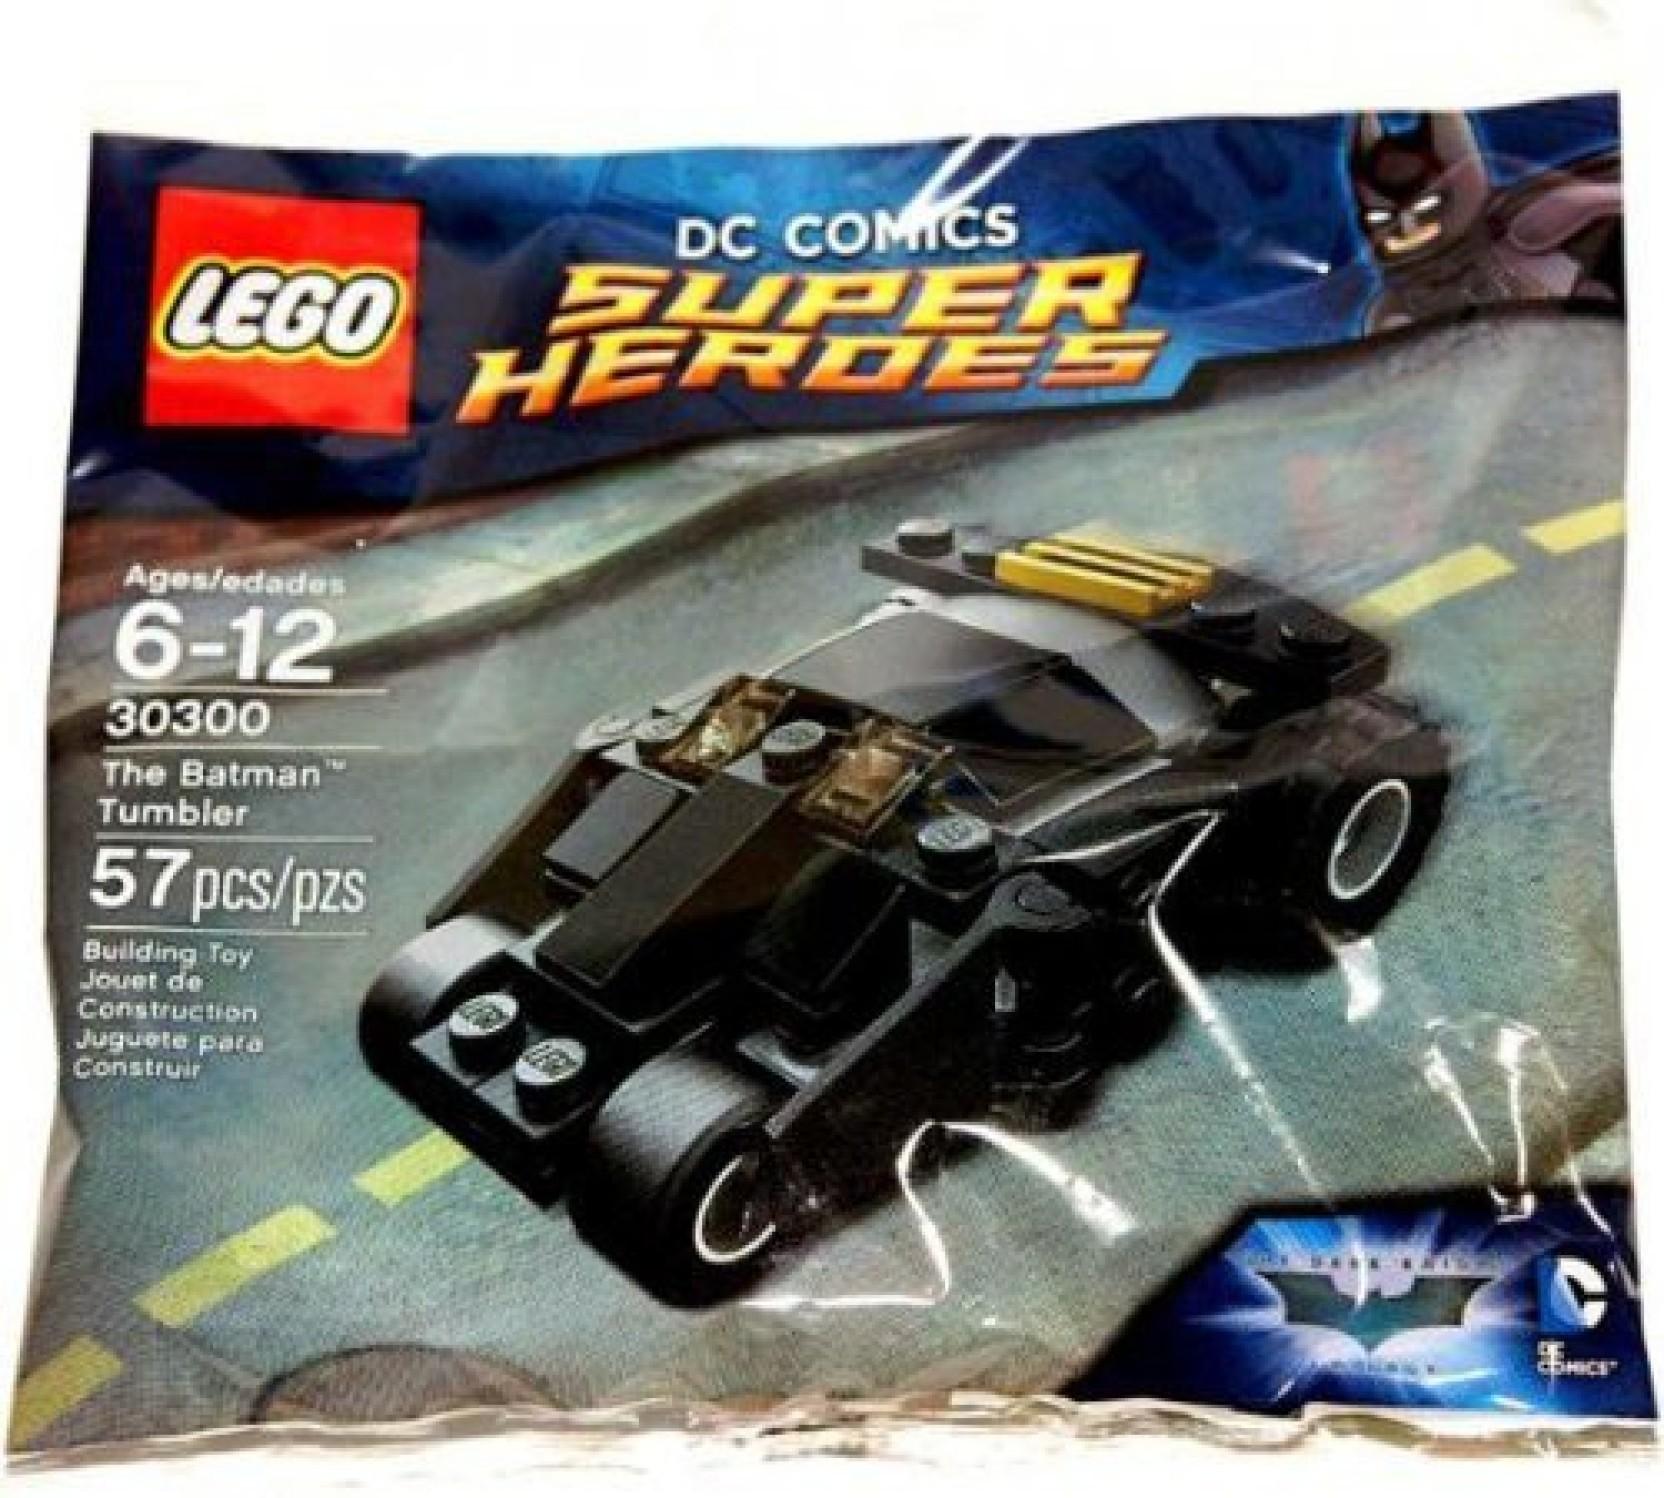 Tumbler Dc Lego Comics Batman Heroes Super Set 30300 1FKJTlc